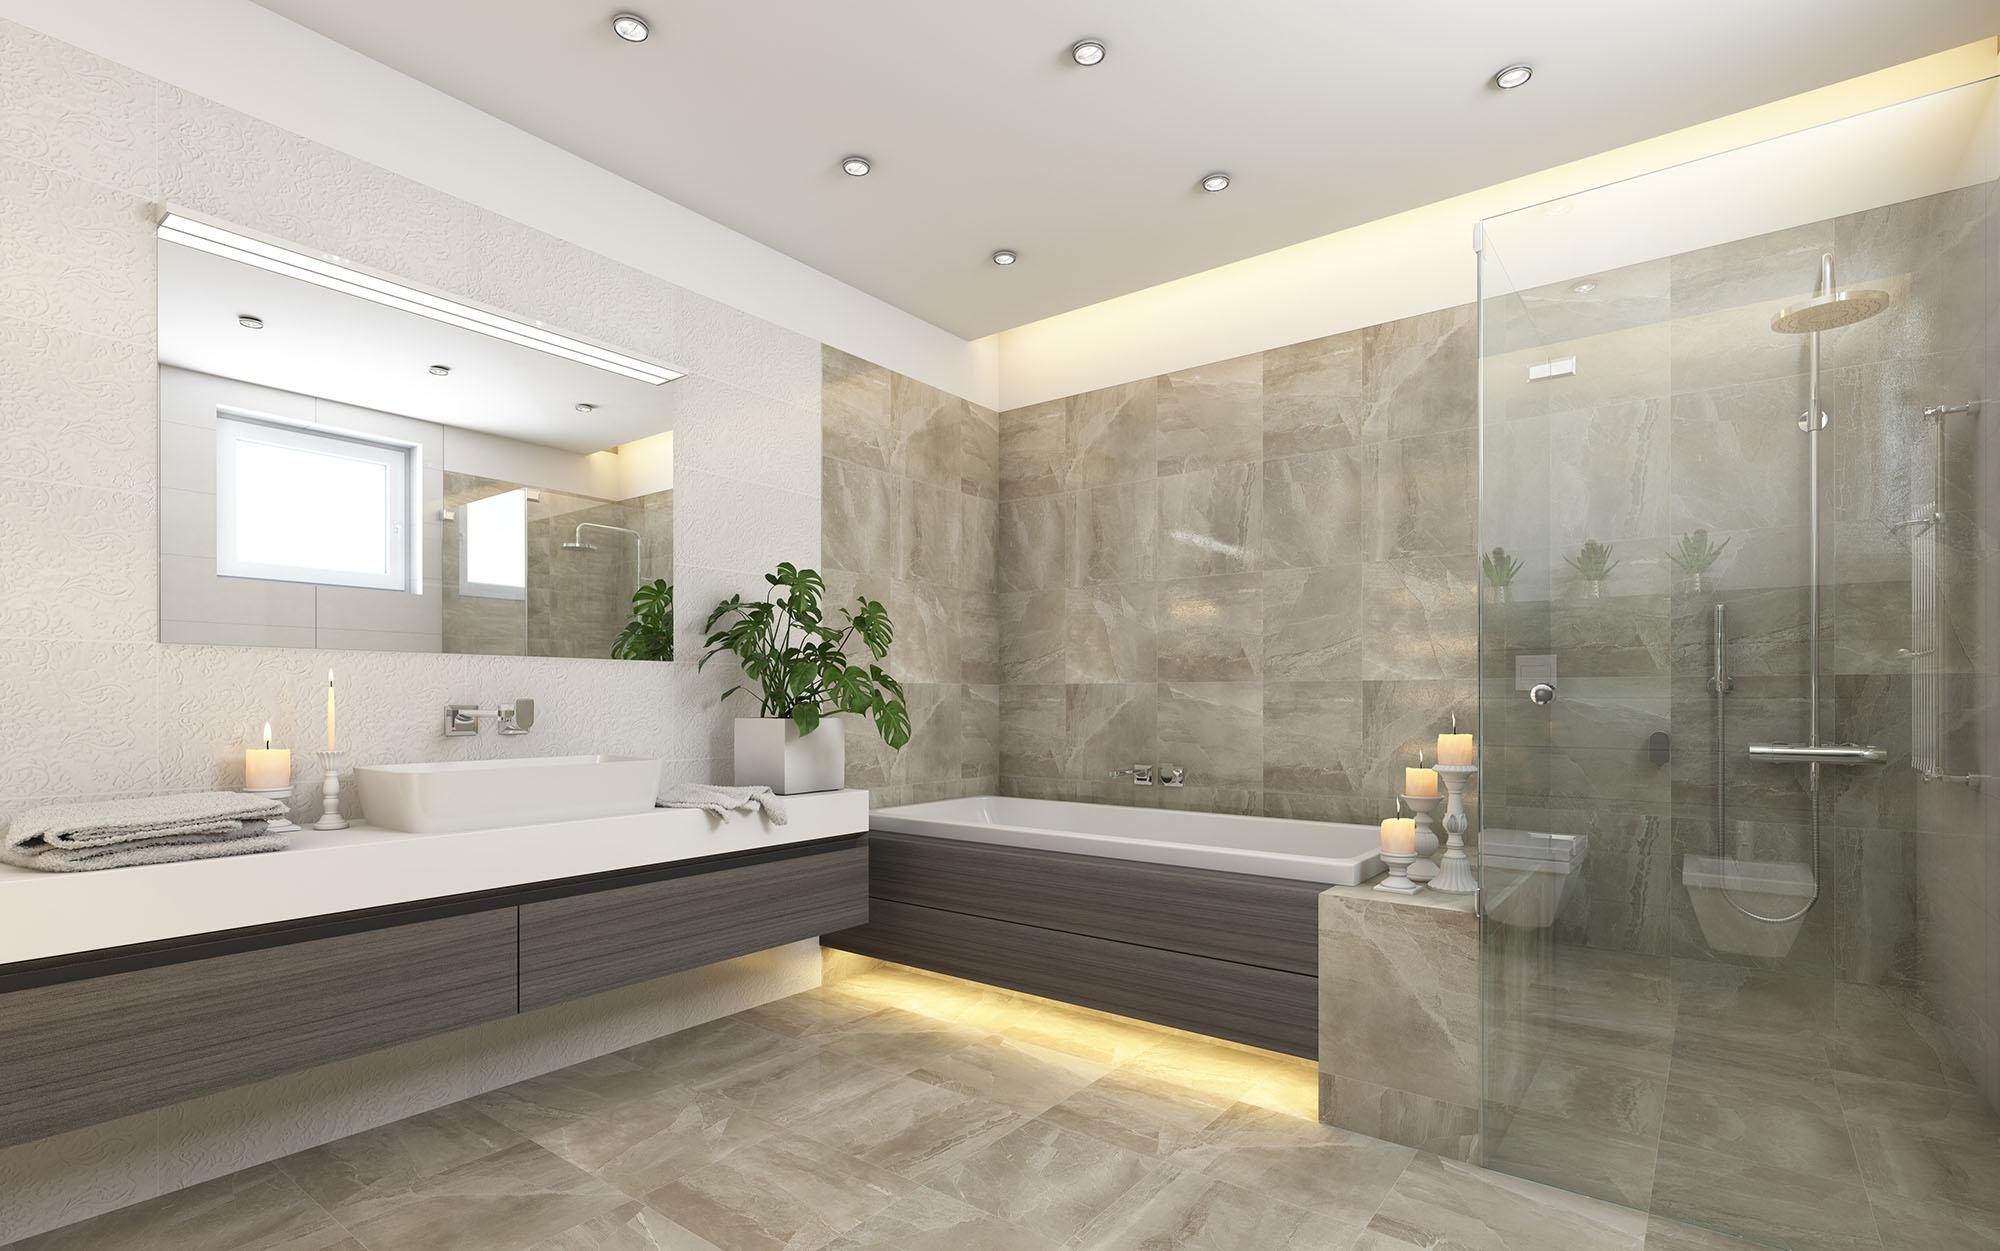 Bathroom Remodel Laguna Niguel Cal